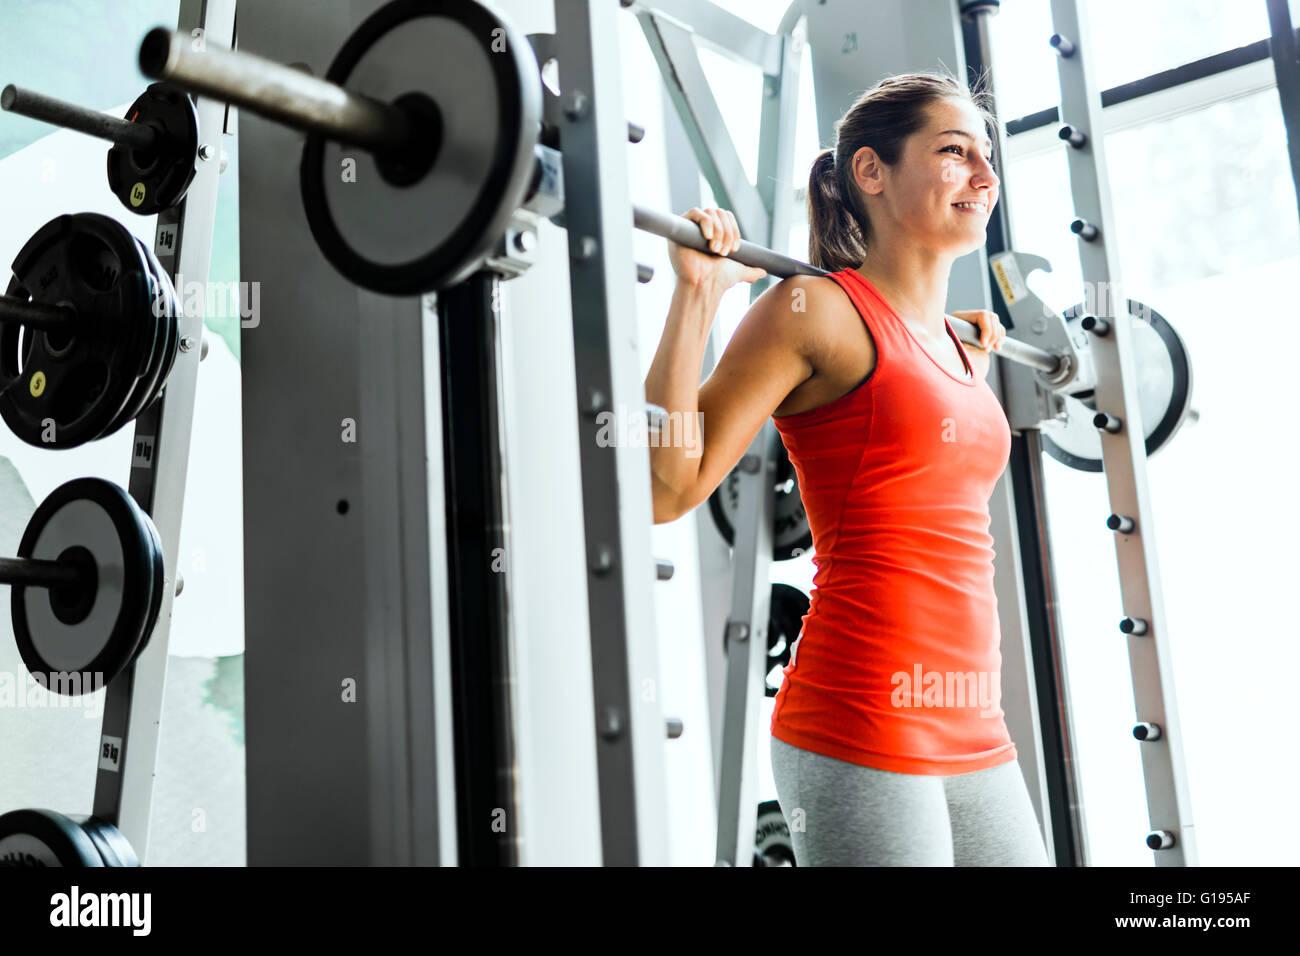 Junge schöne Frau, Gewichte zu heben, in ein Fitness-Studio konzentriert Stockbild